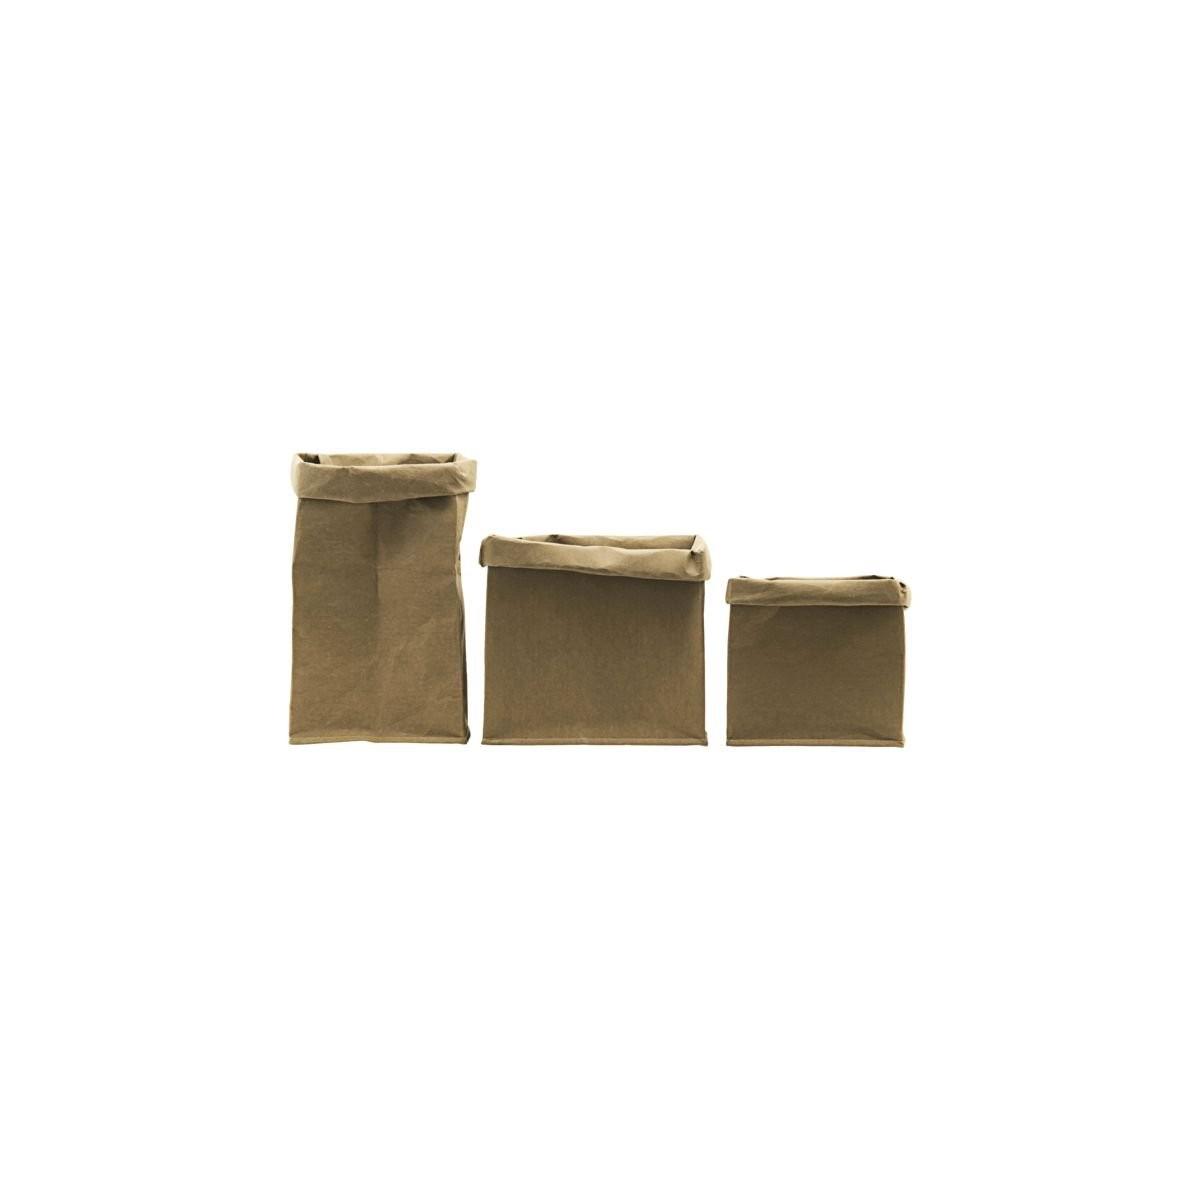 Sada 6 ks – Úložné krabice ve třech velikostech